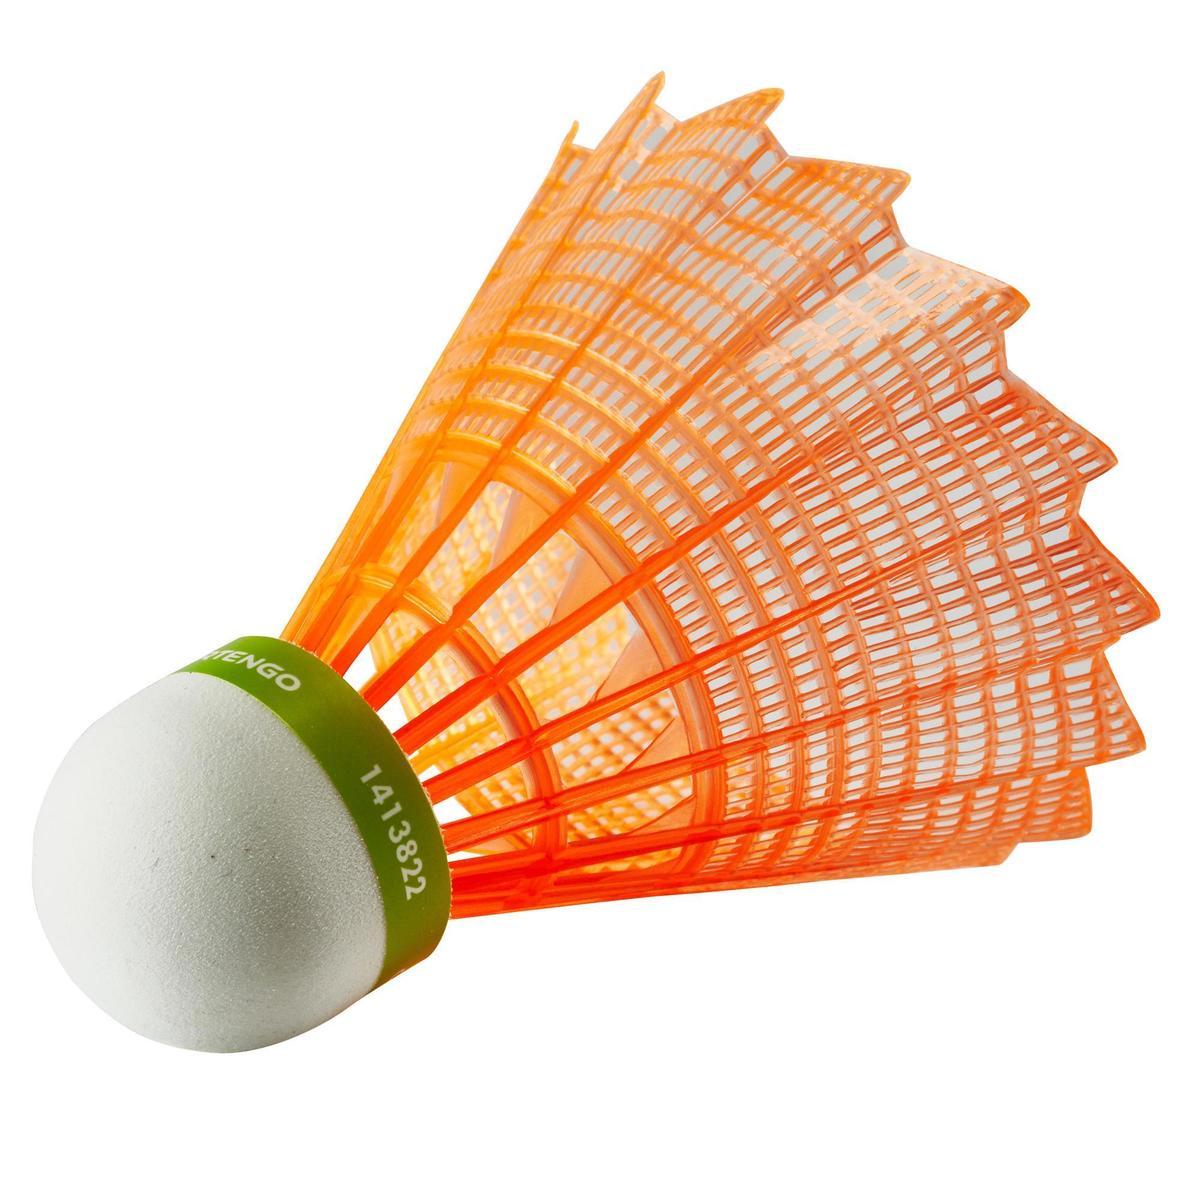 Bild 2 von Badmintonball Federball BSC700 Kunststoff 1 Stk. orange